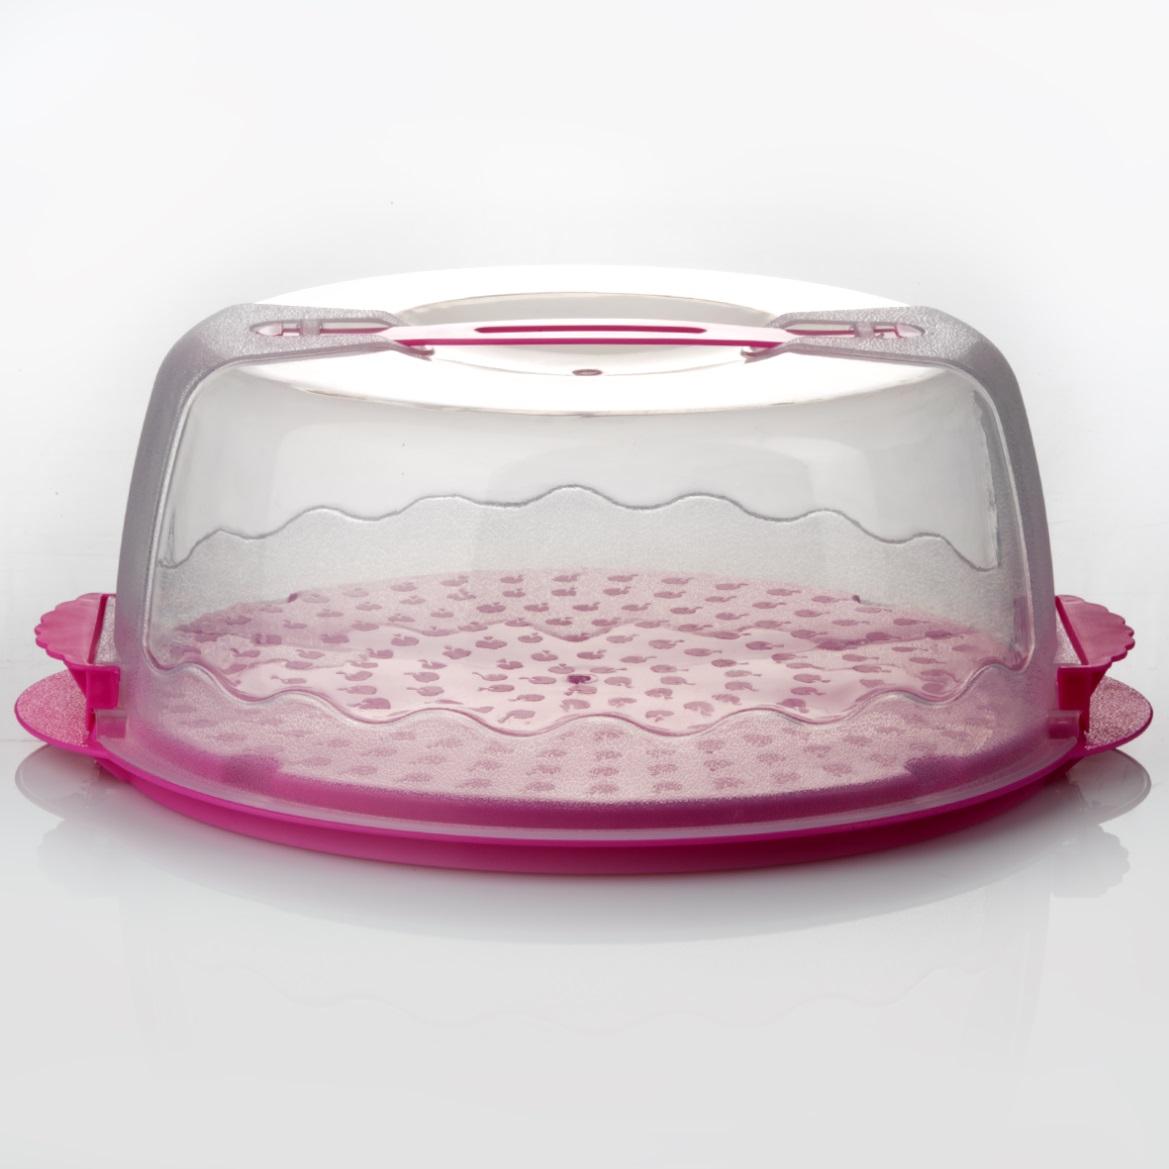 Контейнер для переноски торта, цвет: розовый. DGP001DGP001Контейнер для переноски торта d=280мм h=120мм - пластик Материал: пластмасса; цвет: цветной